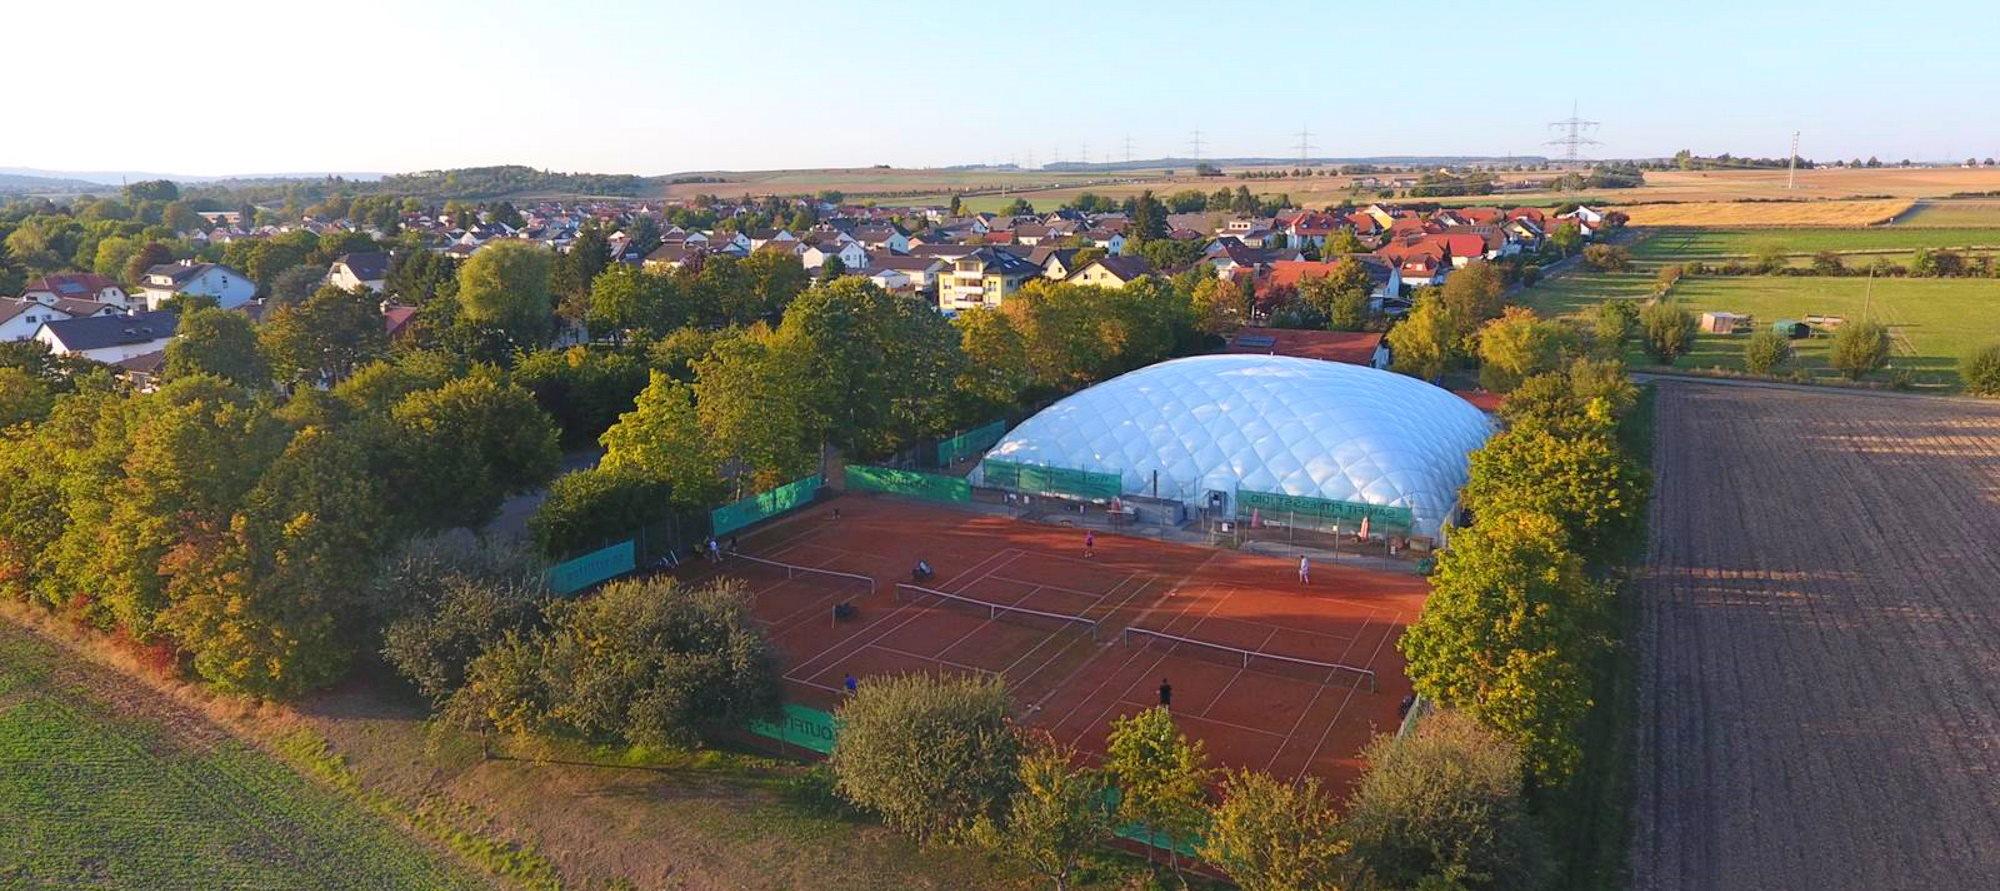 Tennisclub 1980 Dorheim e.V.